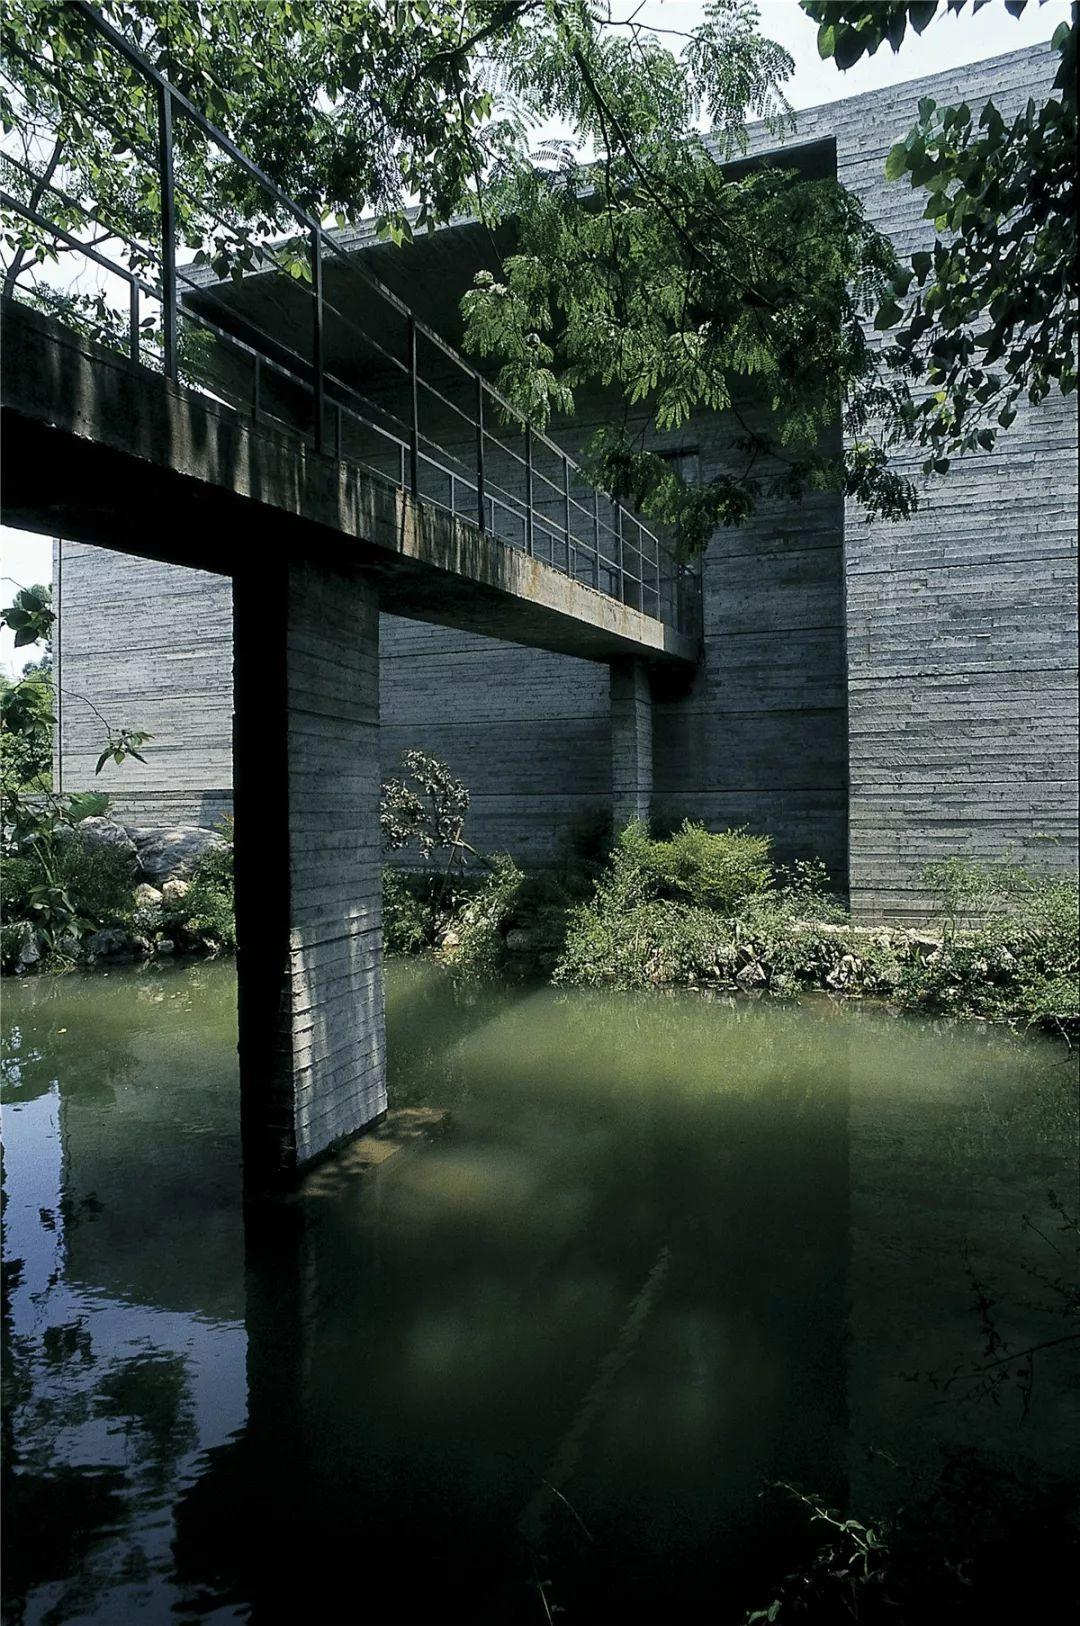 成都招聘 | 家琨建筑设计事务所:景观设计师、建筑师